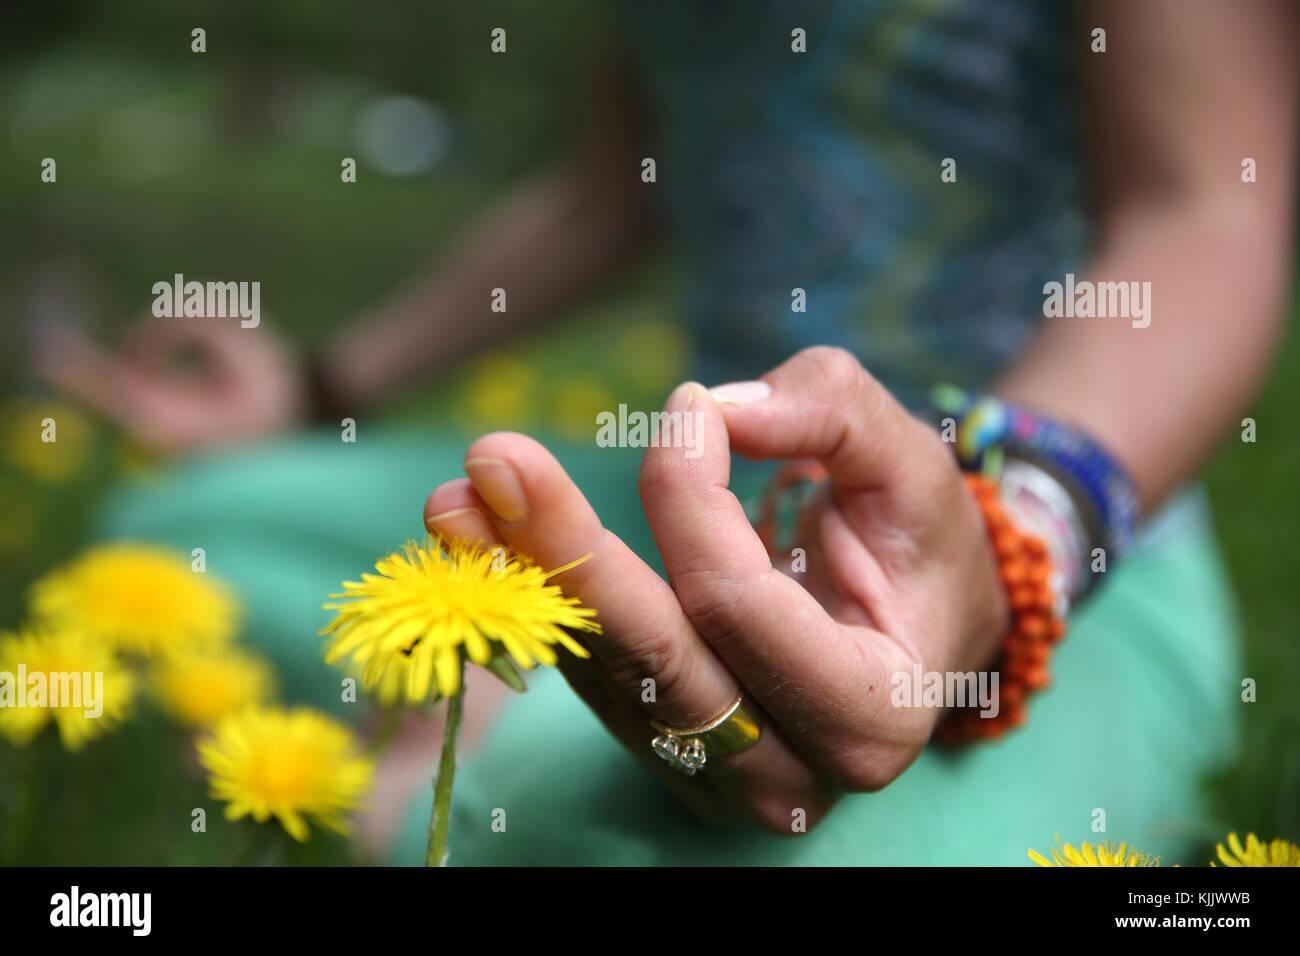 Frau Durchführung yoya außerhalb. Lotus Position und Mudra Körperhaltung. Close-up. Frankreich. Stockfoto